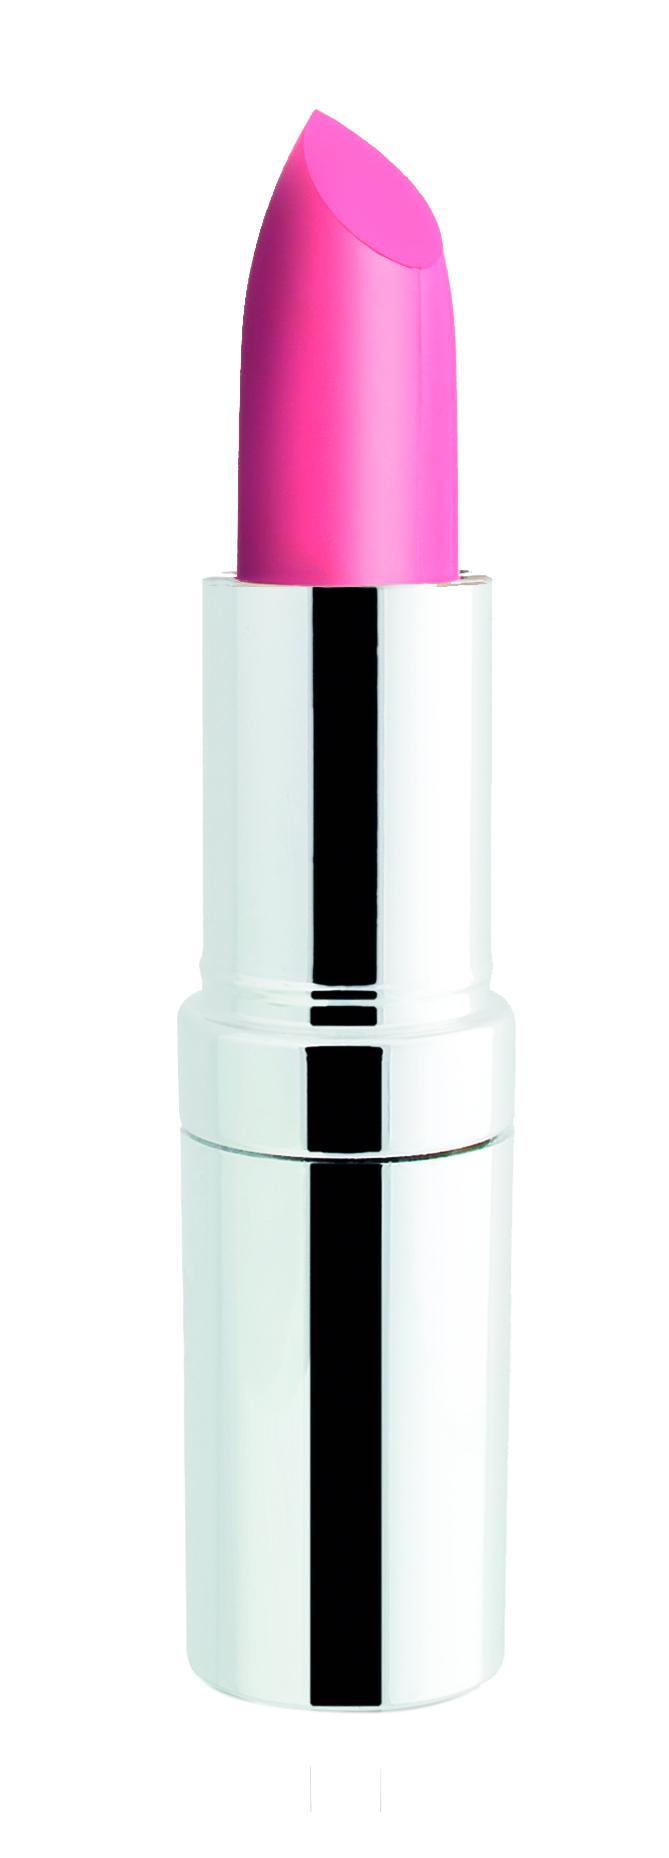 SEVENTEEN Помада губная устойчивая матовая SPF 15, 30 пастельная роза / Matte Lasting Lipstick 5 г